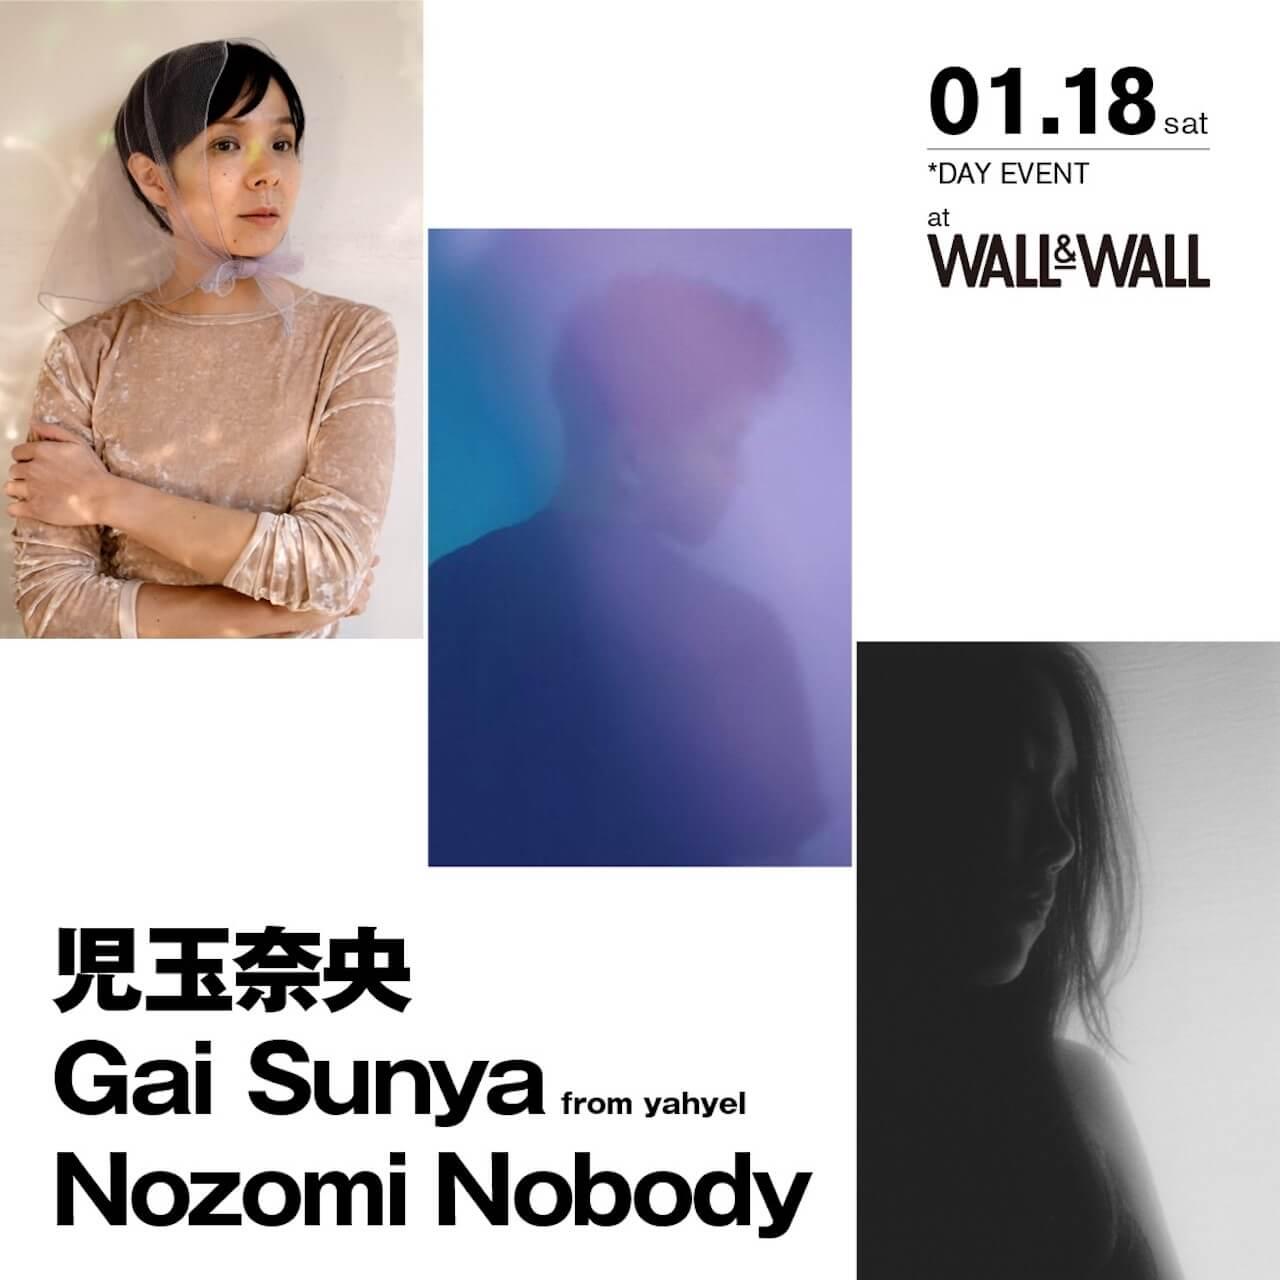 児玉奈央がバンドセットでWALL&WALLに初登場|Gai Sunya(from yahyel)、Nozomi Nobodyらも出演 music191226-kodama-nao-10